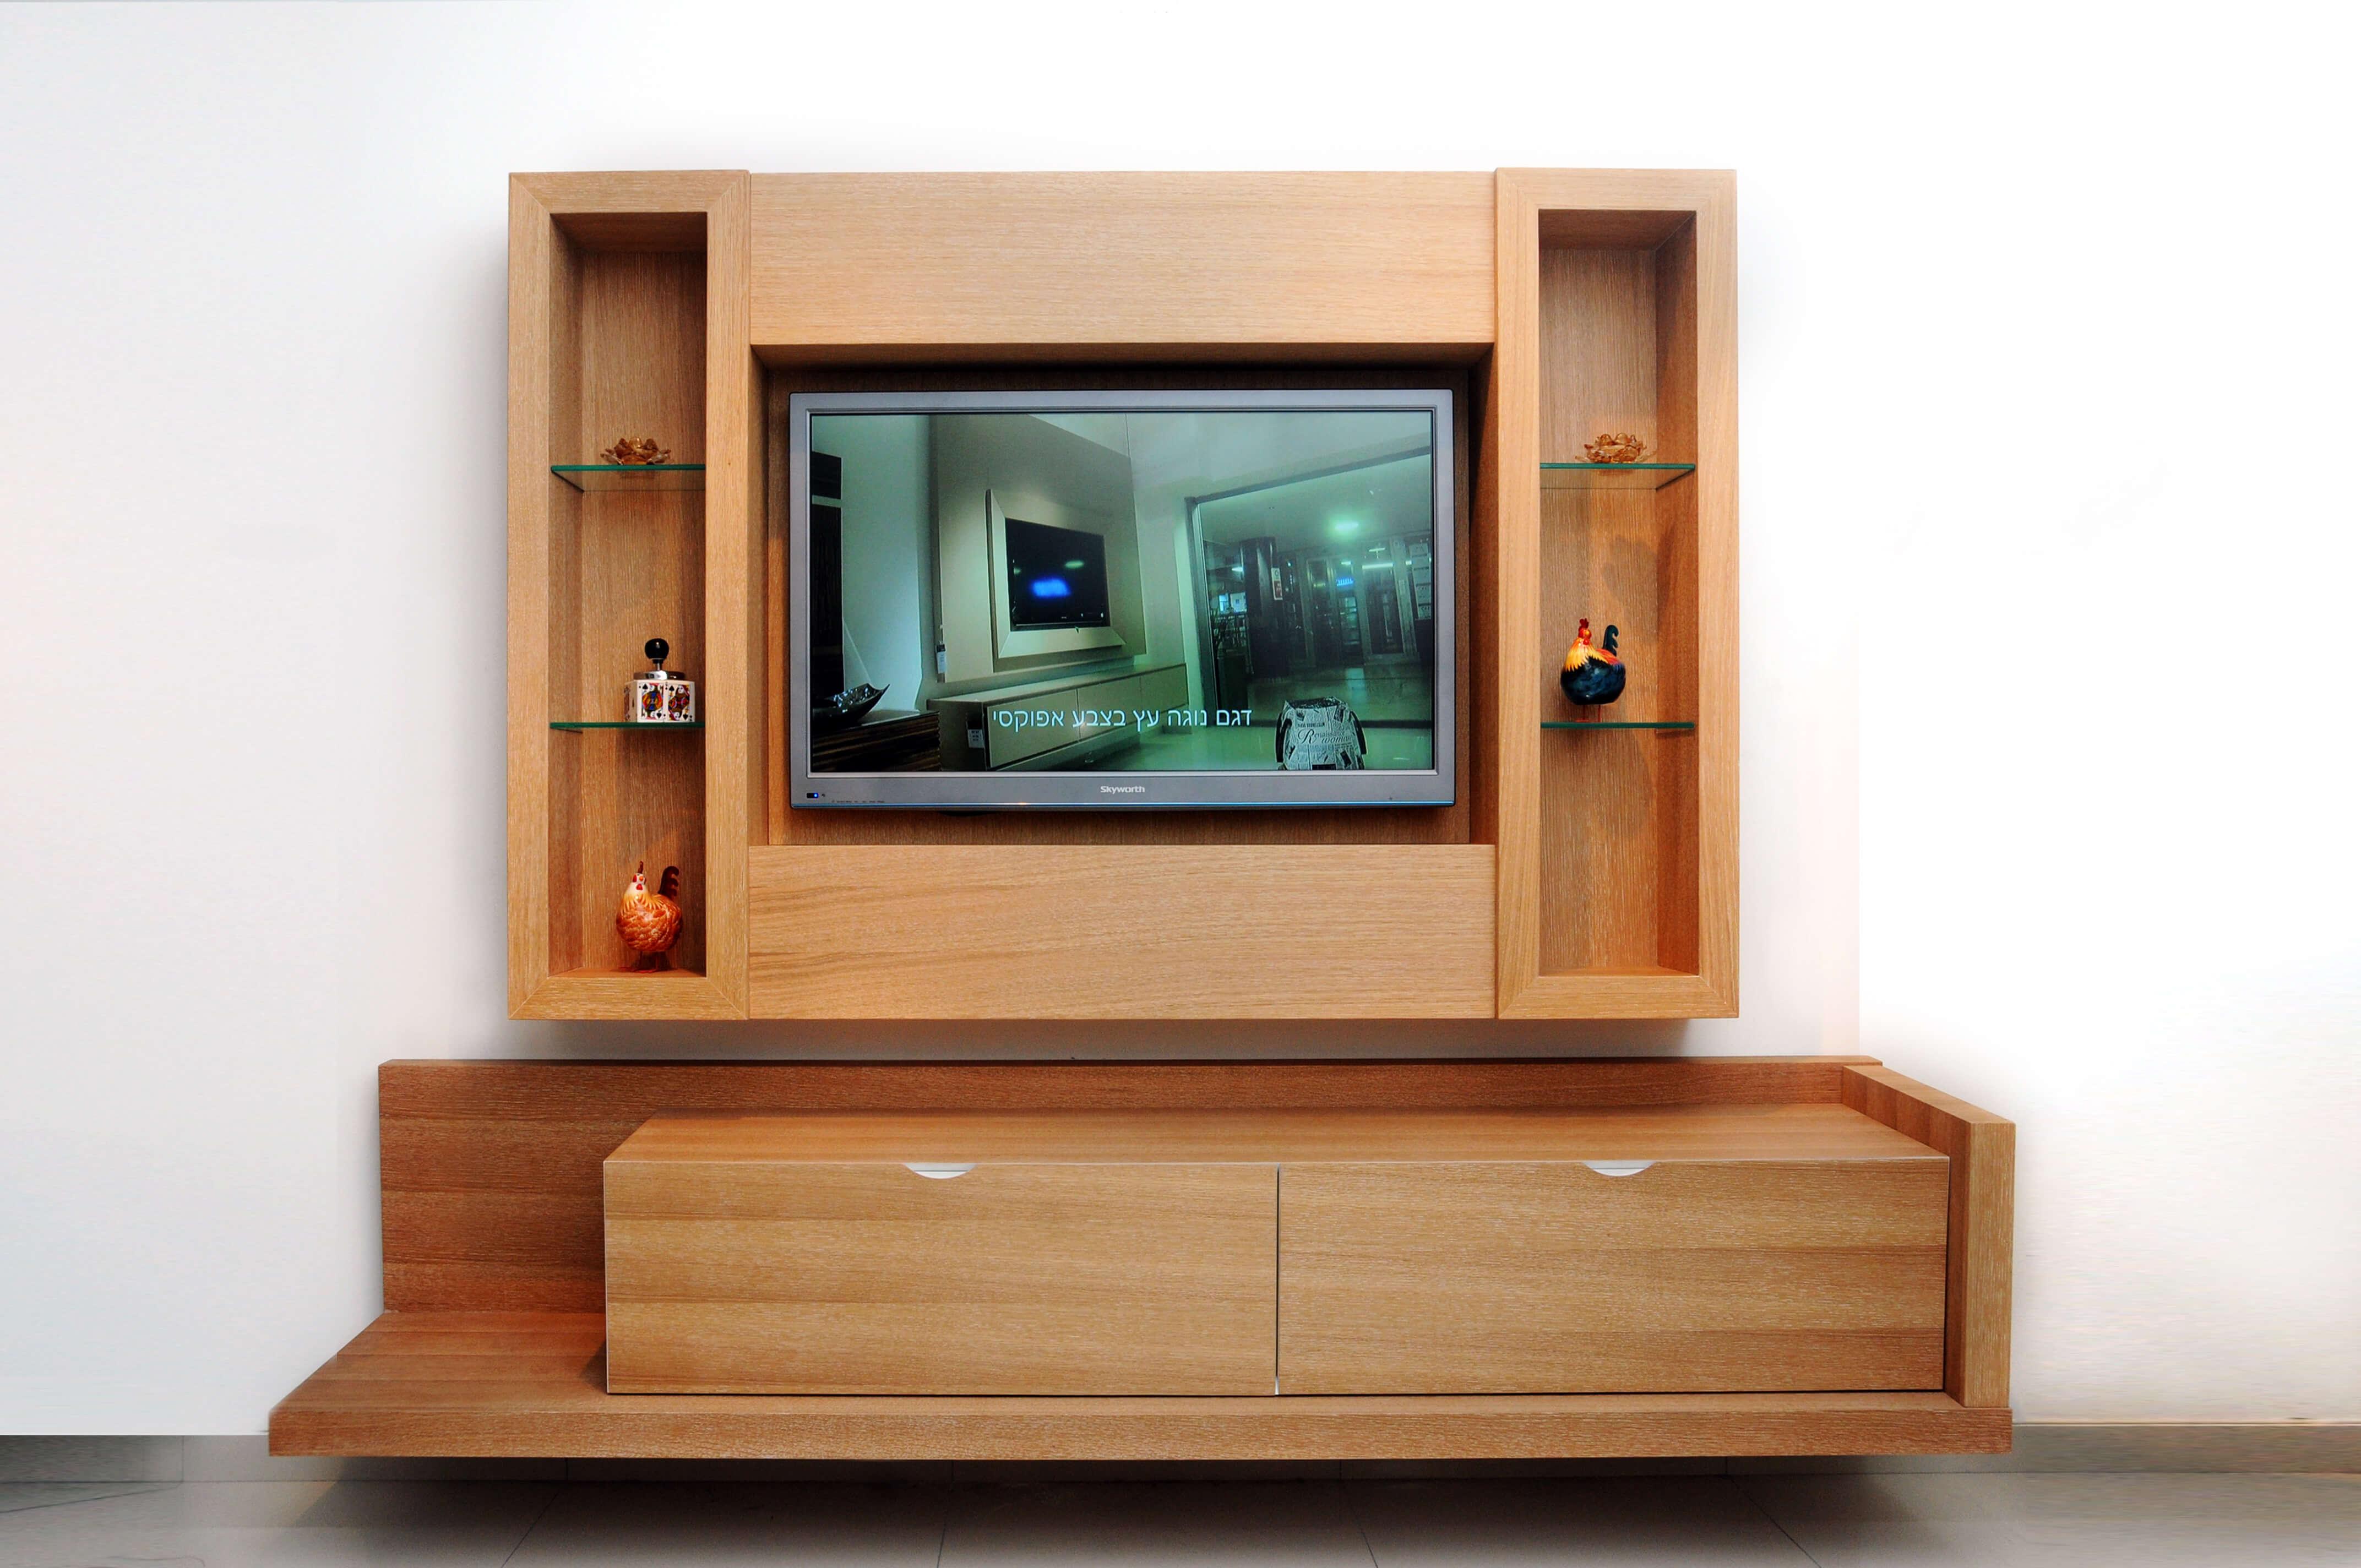 מסגרת לטלויזיה דגם שביט